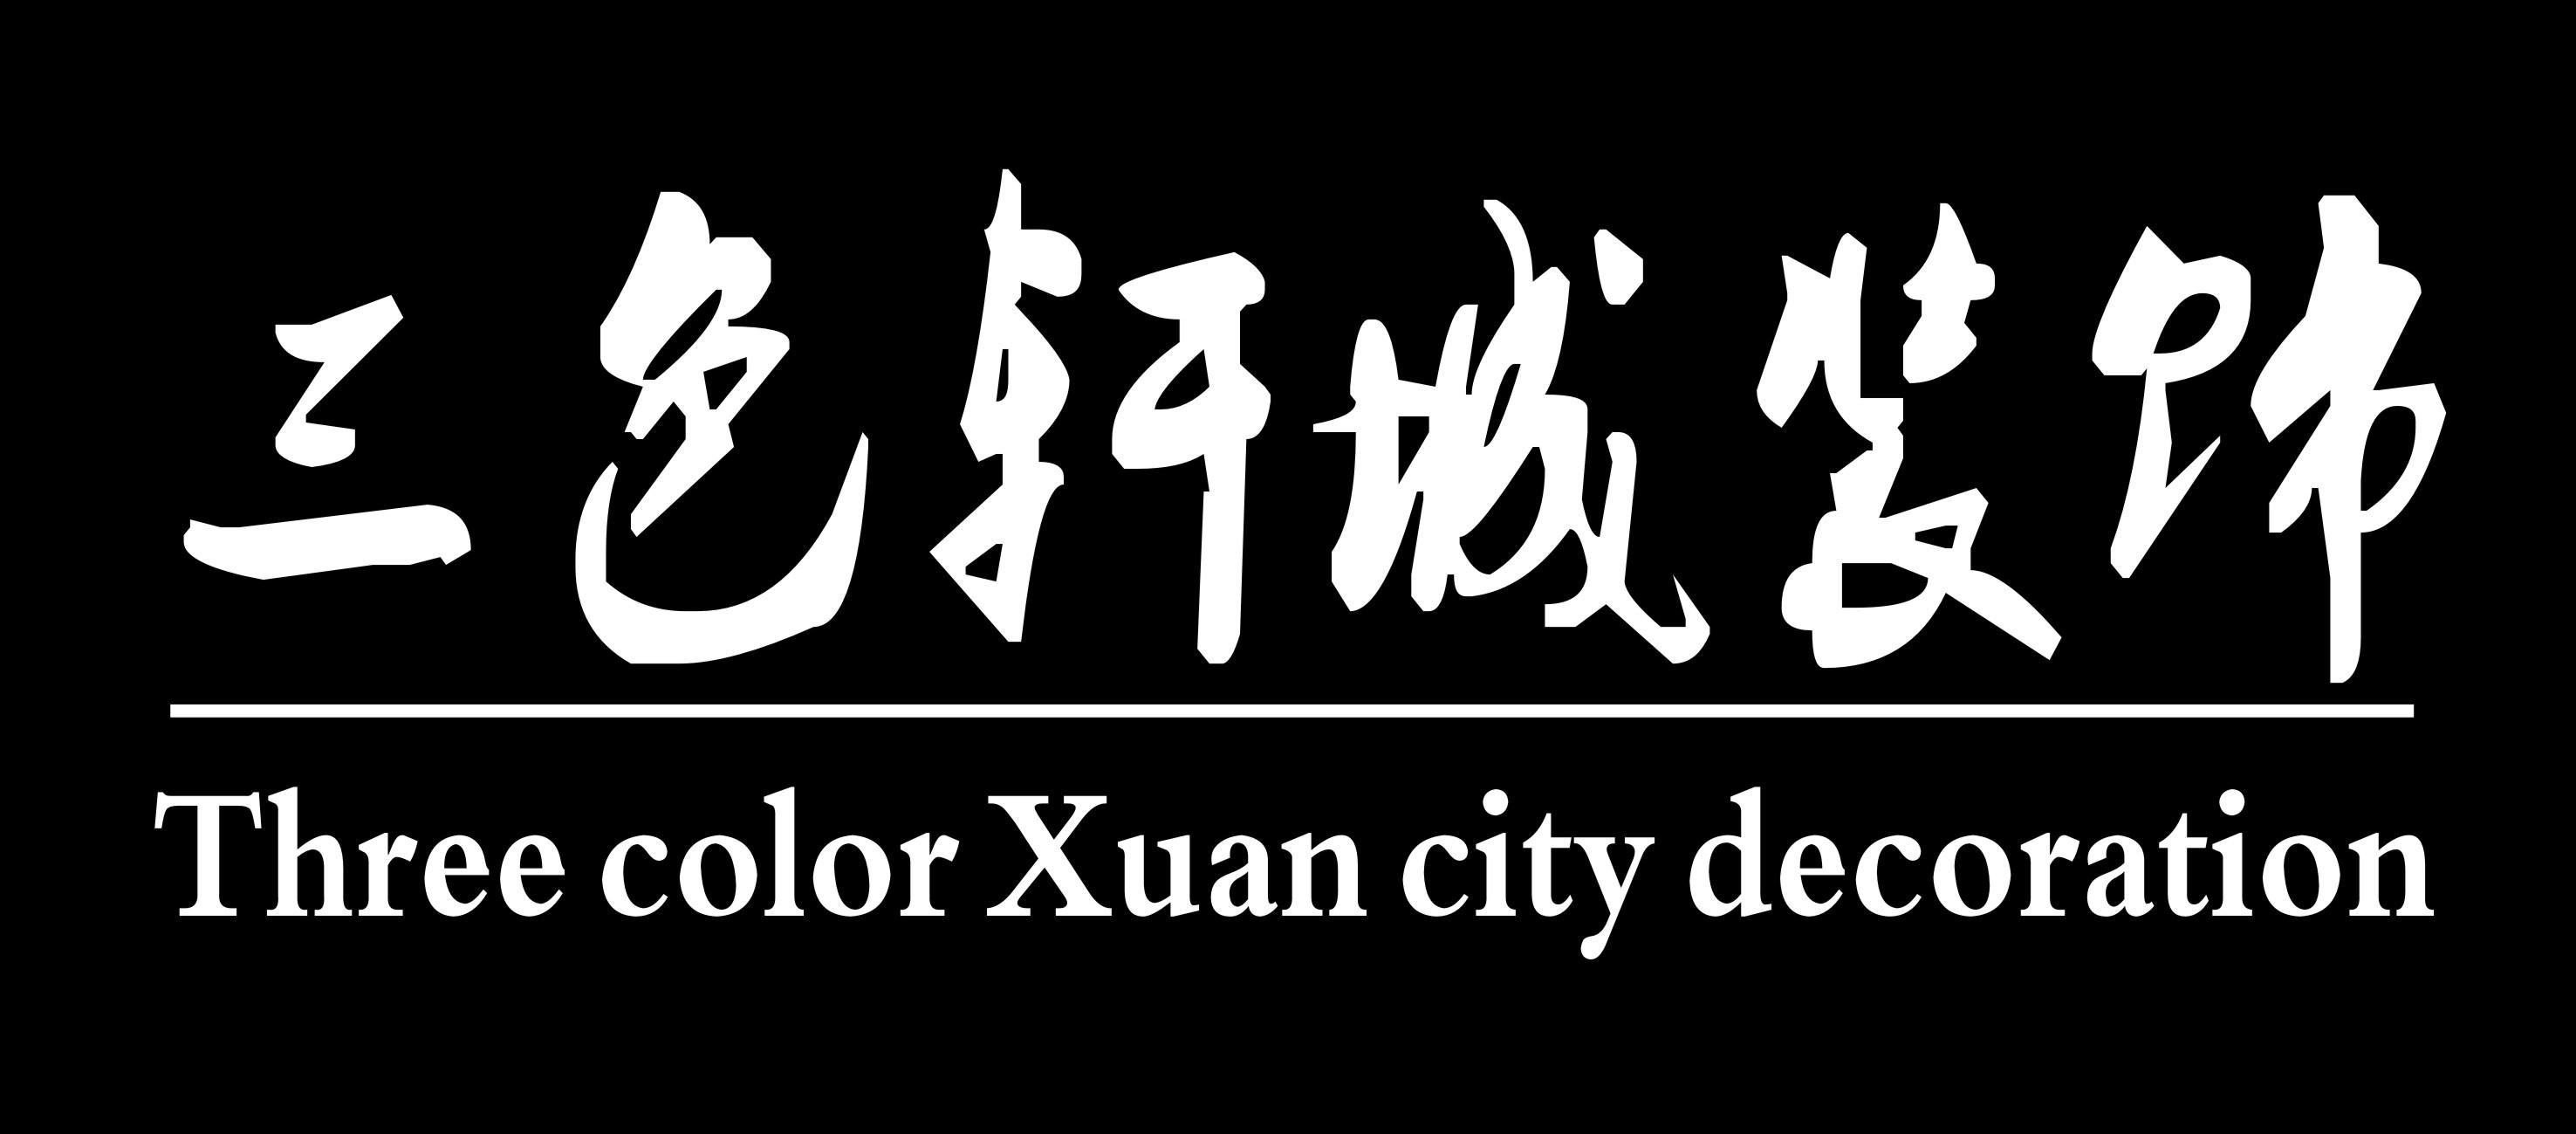 苏州三色轩城装饰